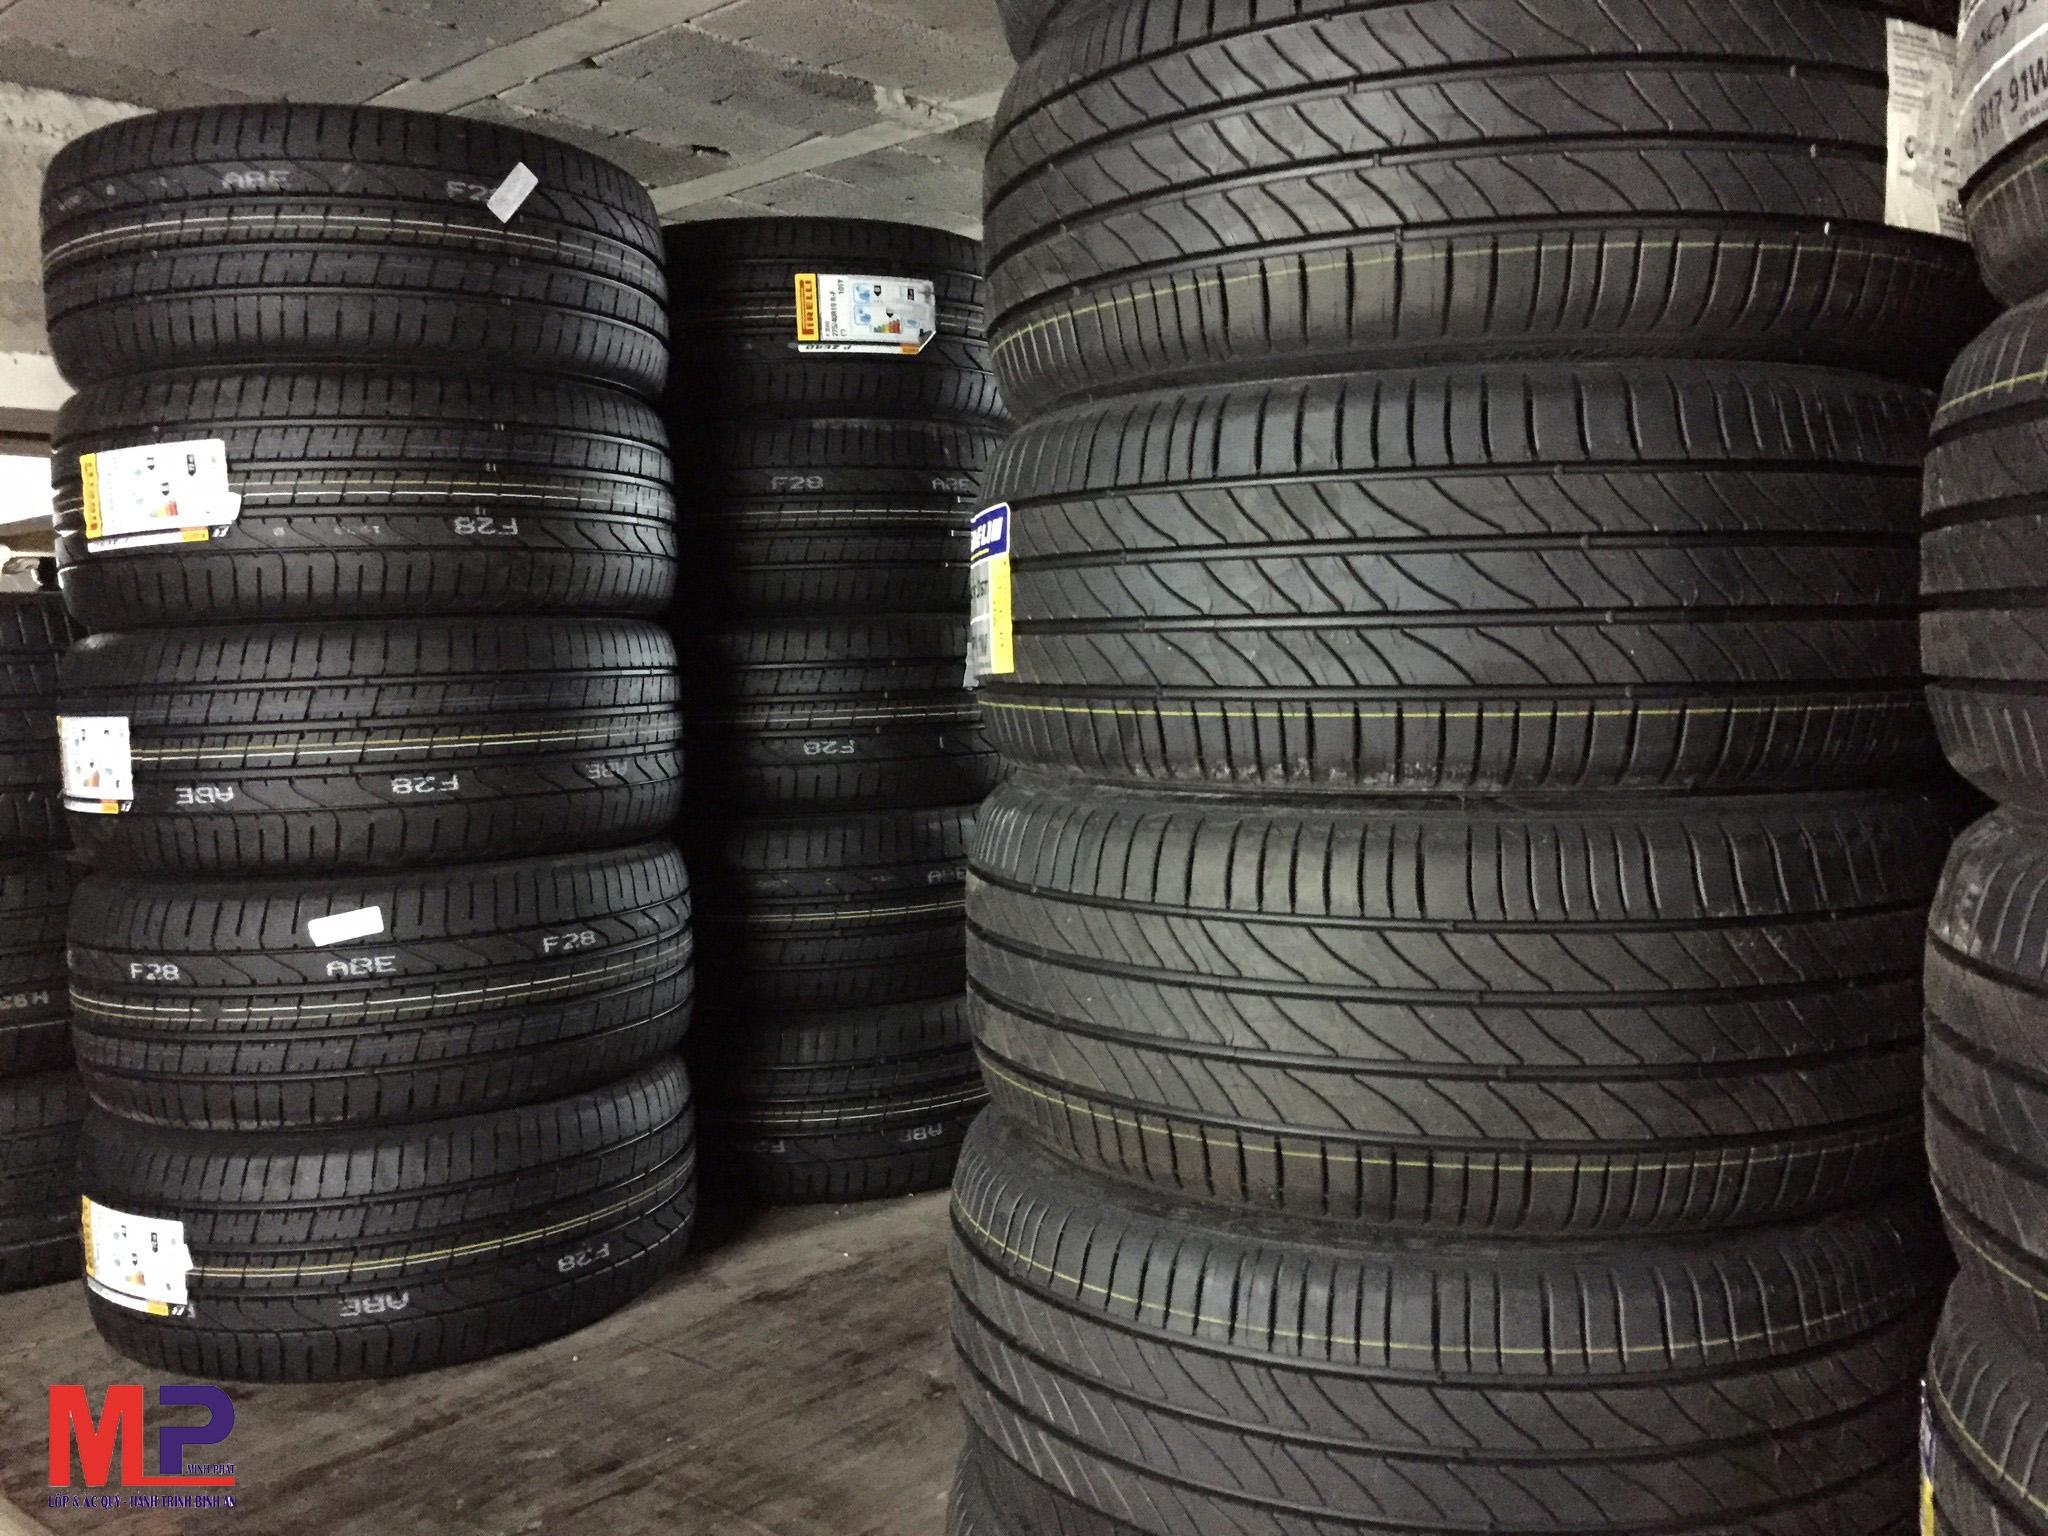 Minh Phát Hà Nội chuyên cung cấp các dòng lốp xe du lịch uy tín, chất lượng